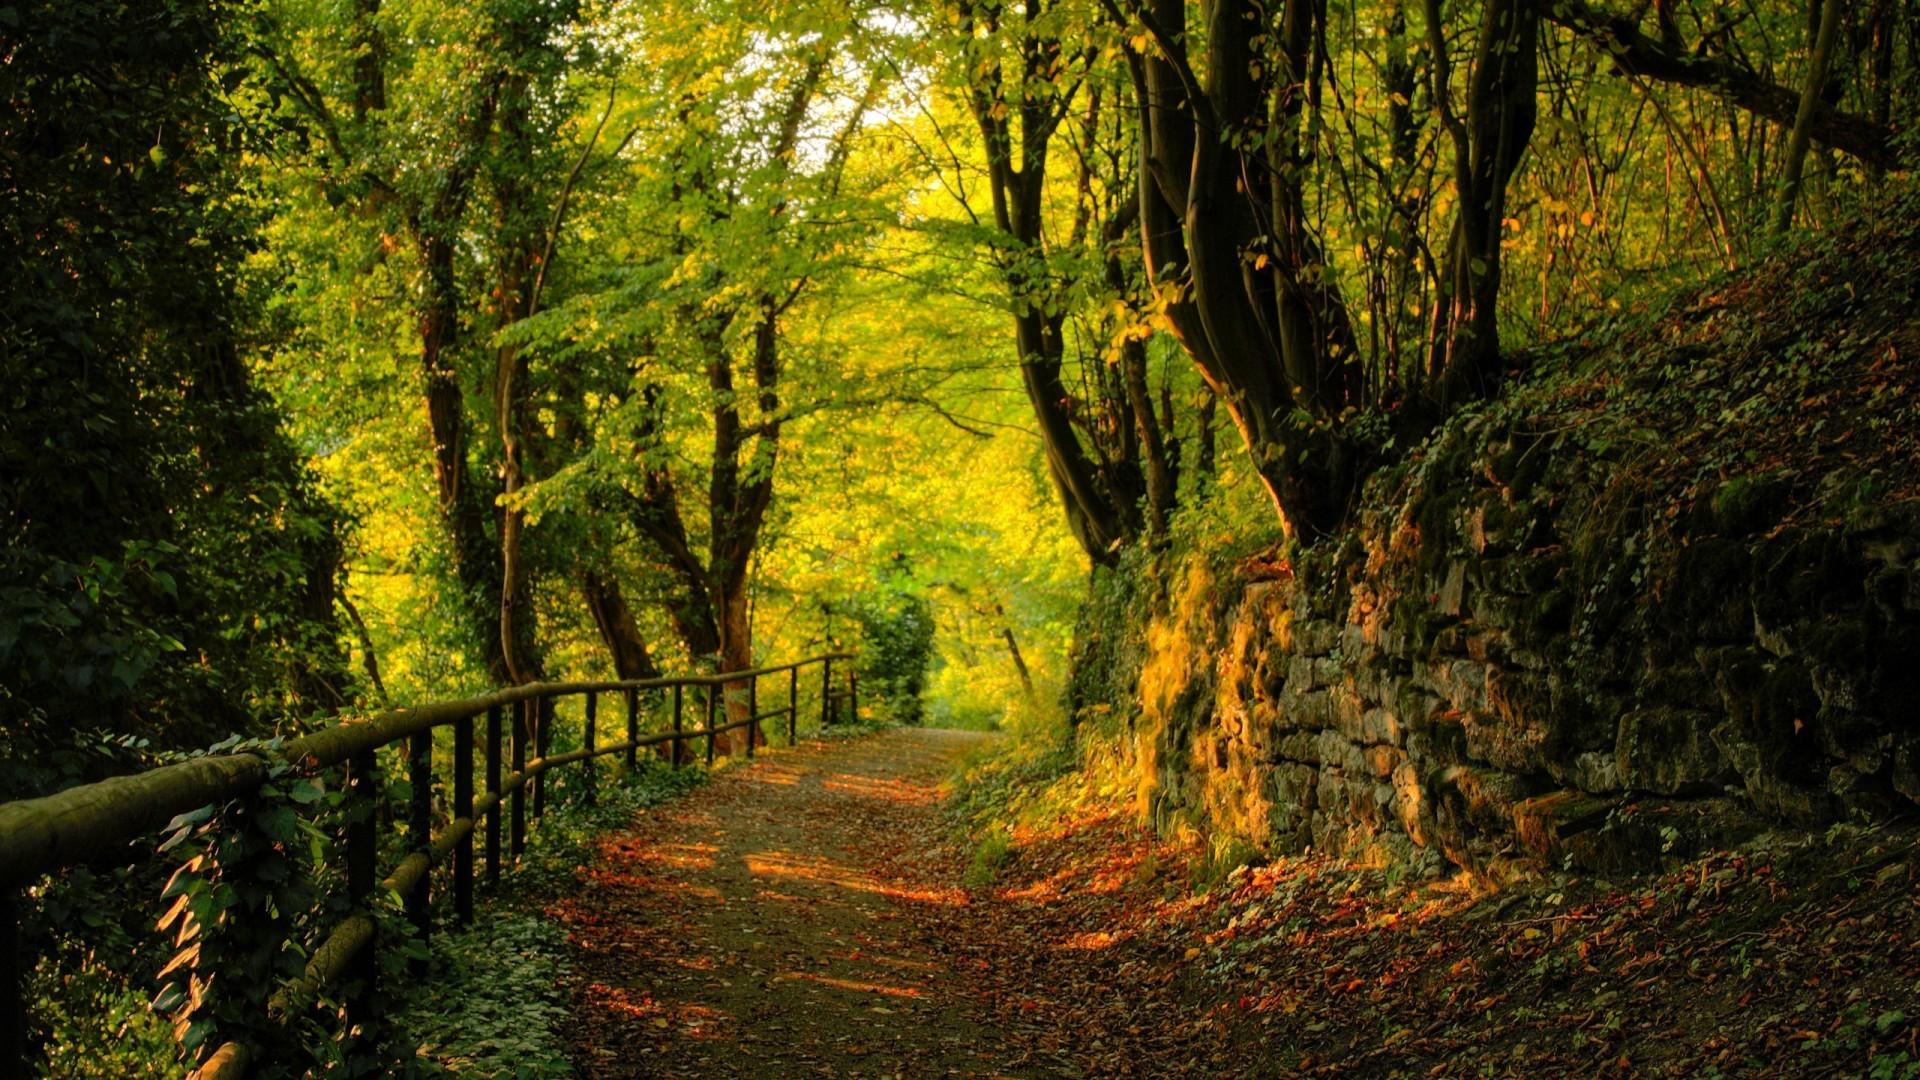 nature wallpaper desktop background green land Zellox 1920×1200 Natural  Wallpapers For Desktop (33